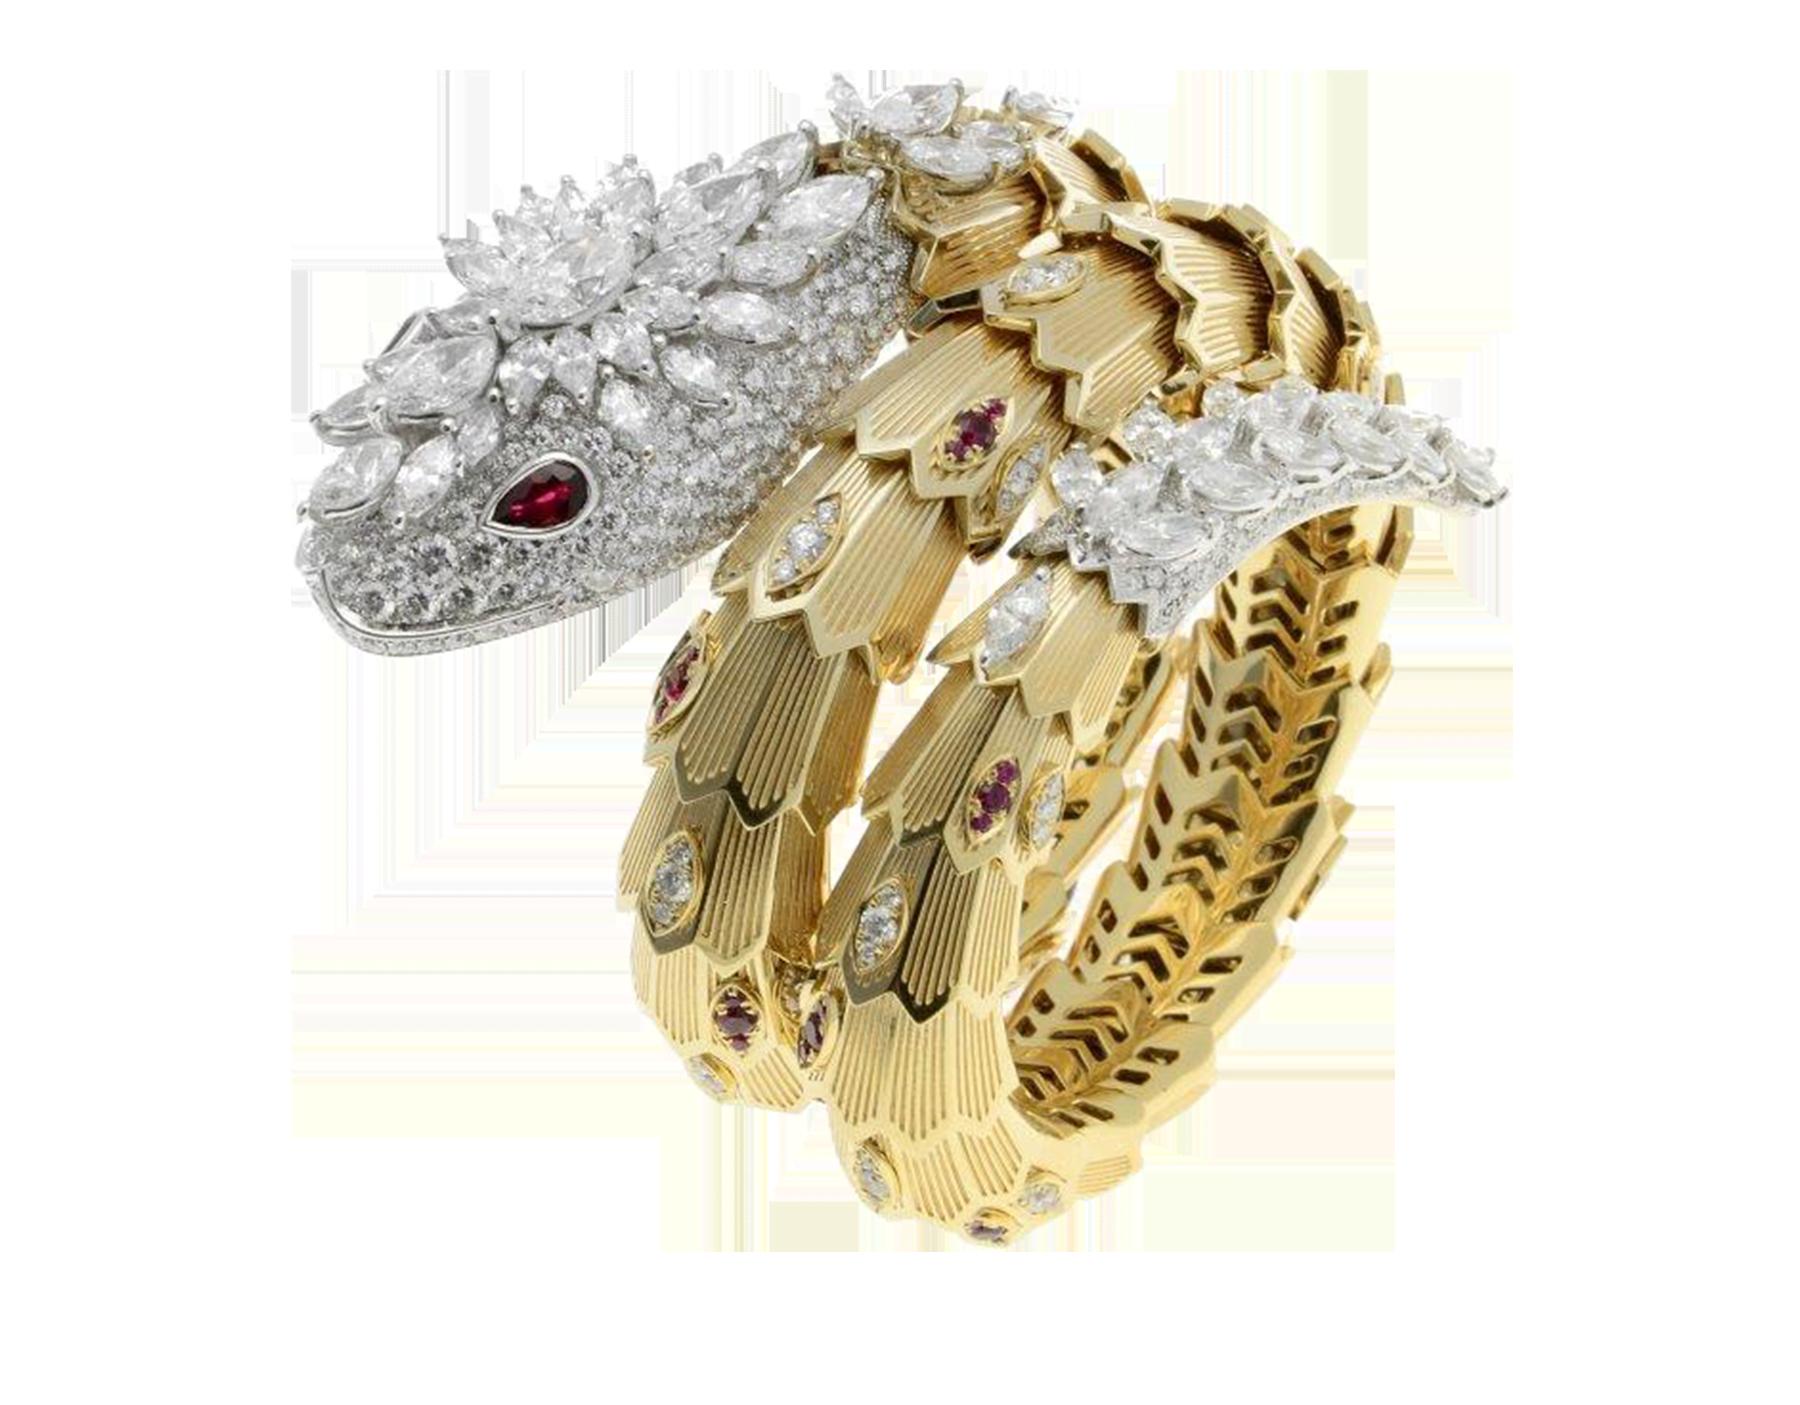 Enroscada en la muñeca con seductor esplendor, la pulsera Serpenti brilla con los destellos de su corona de diamantes y sus preciosos ojos de rubí. 260562 image 1